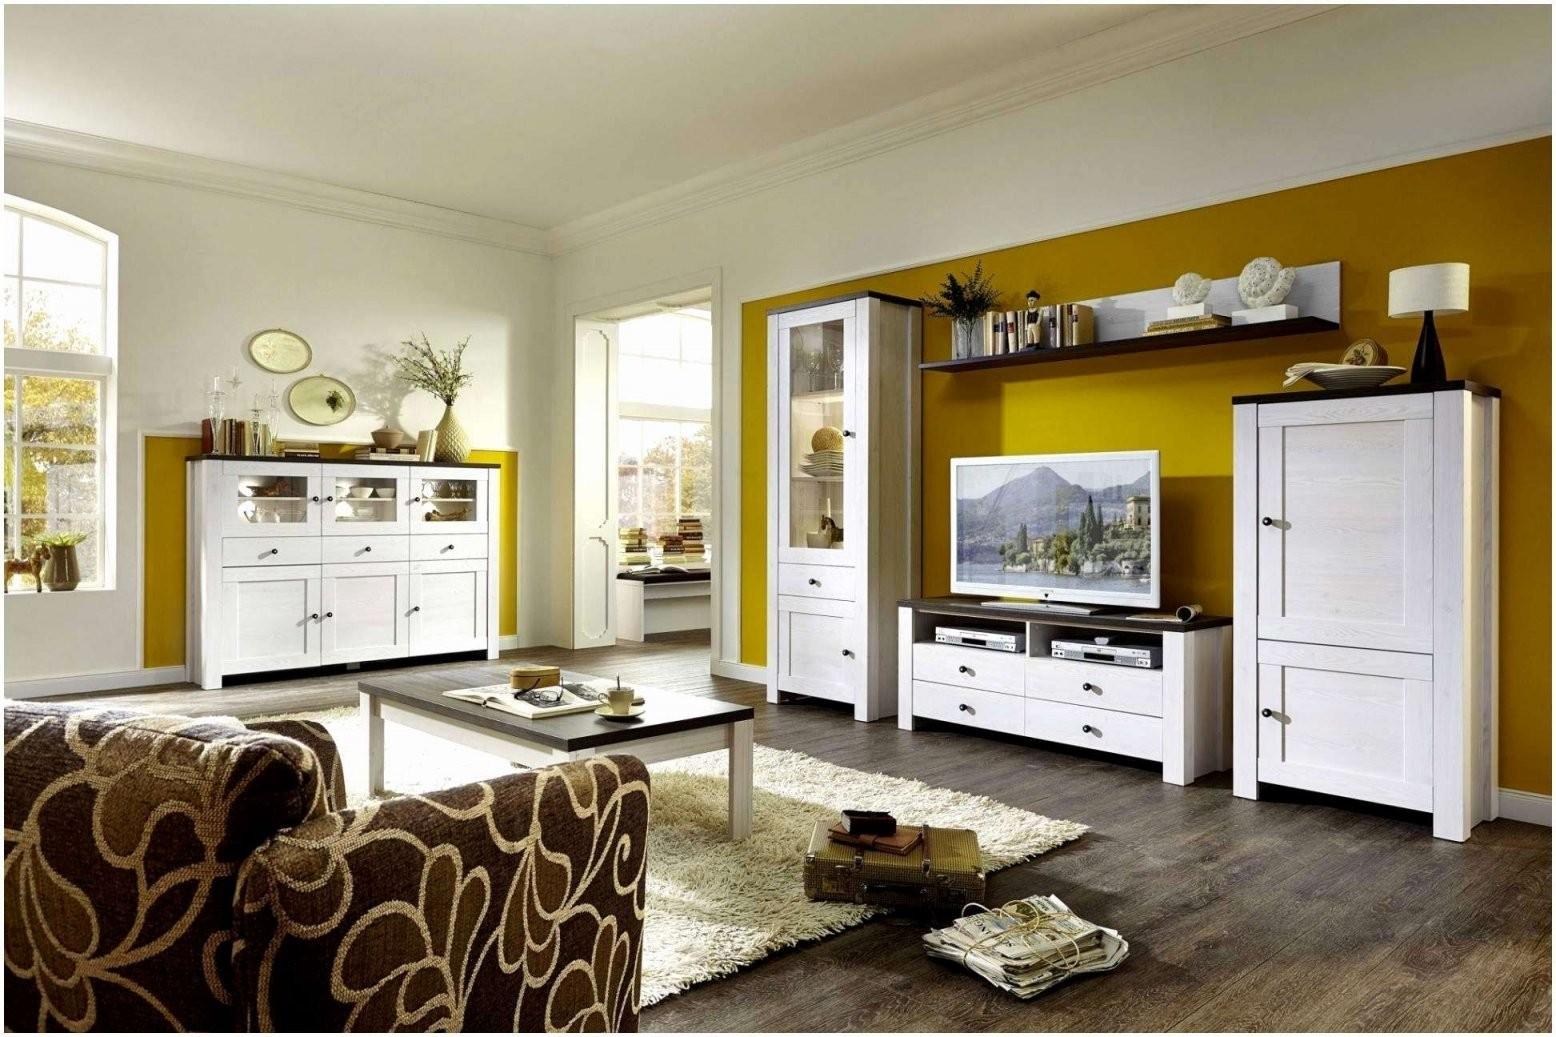 Wohnung Dekorieren Tipps 48 Image 1 Zimmer Wohnung Einrichten Ideen von 1 Zimmer Wohnung Dekorieren Bild